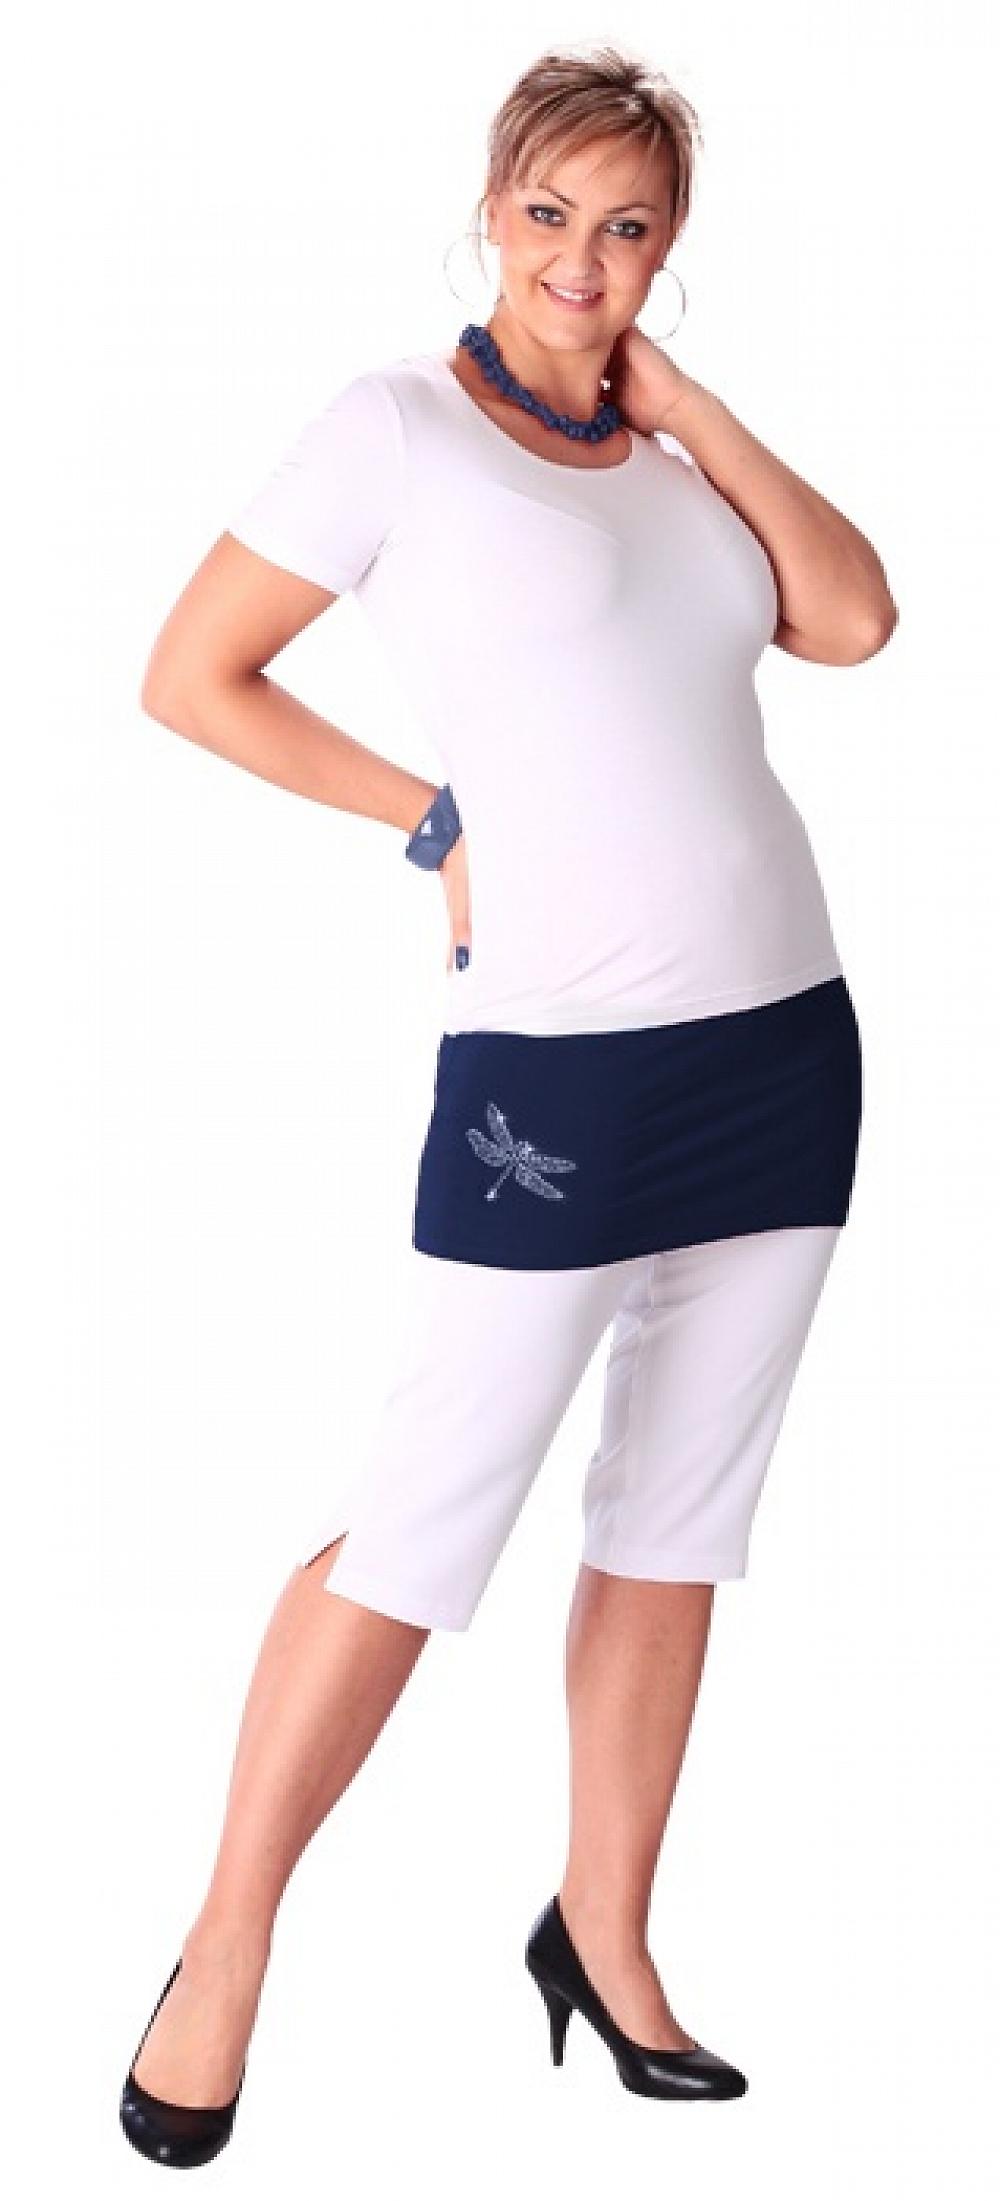 2c86e5b0d0f0 Zásilkový obchod Petrklíč přichází se zcela novou jarníkolekcí dámské módy  - BUĎ ŠIK! Najdete zdemladistvé a sportovních oblečení